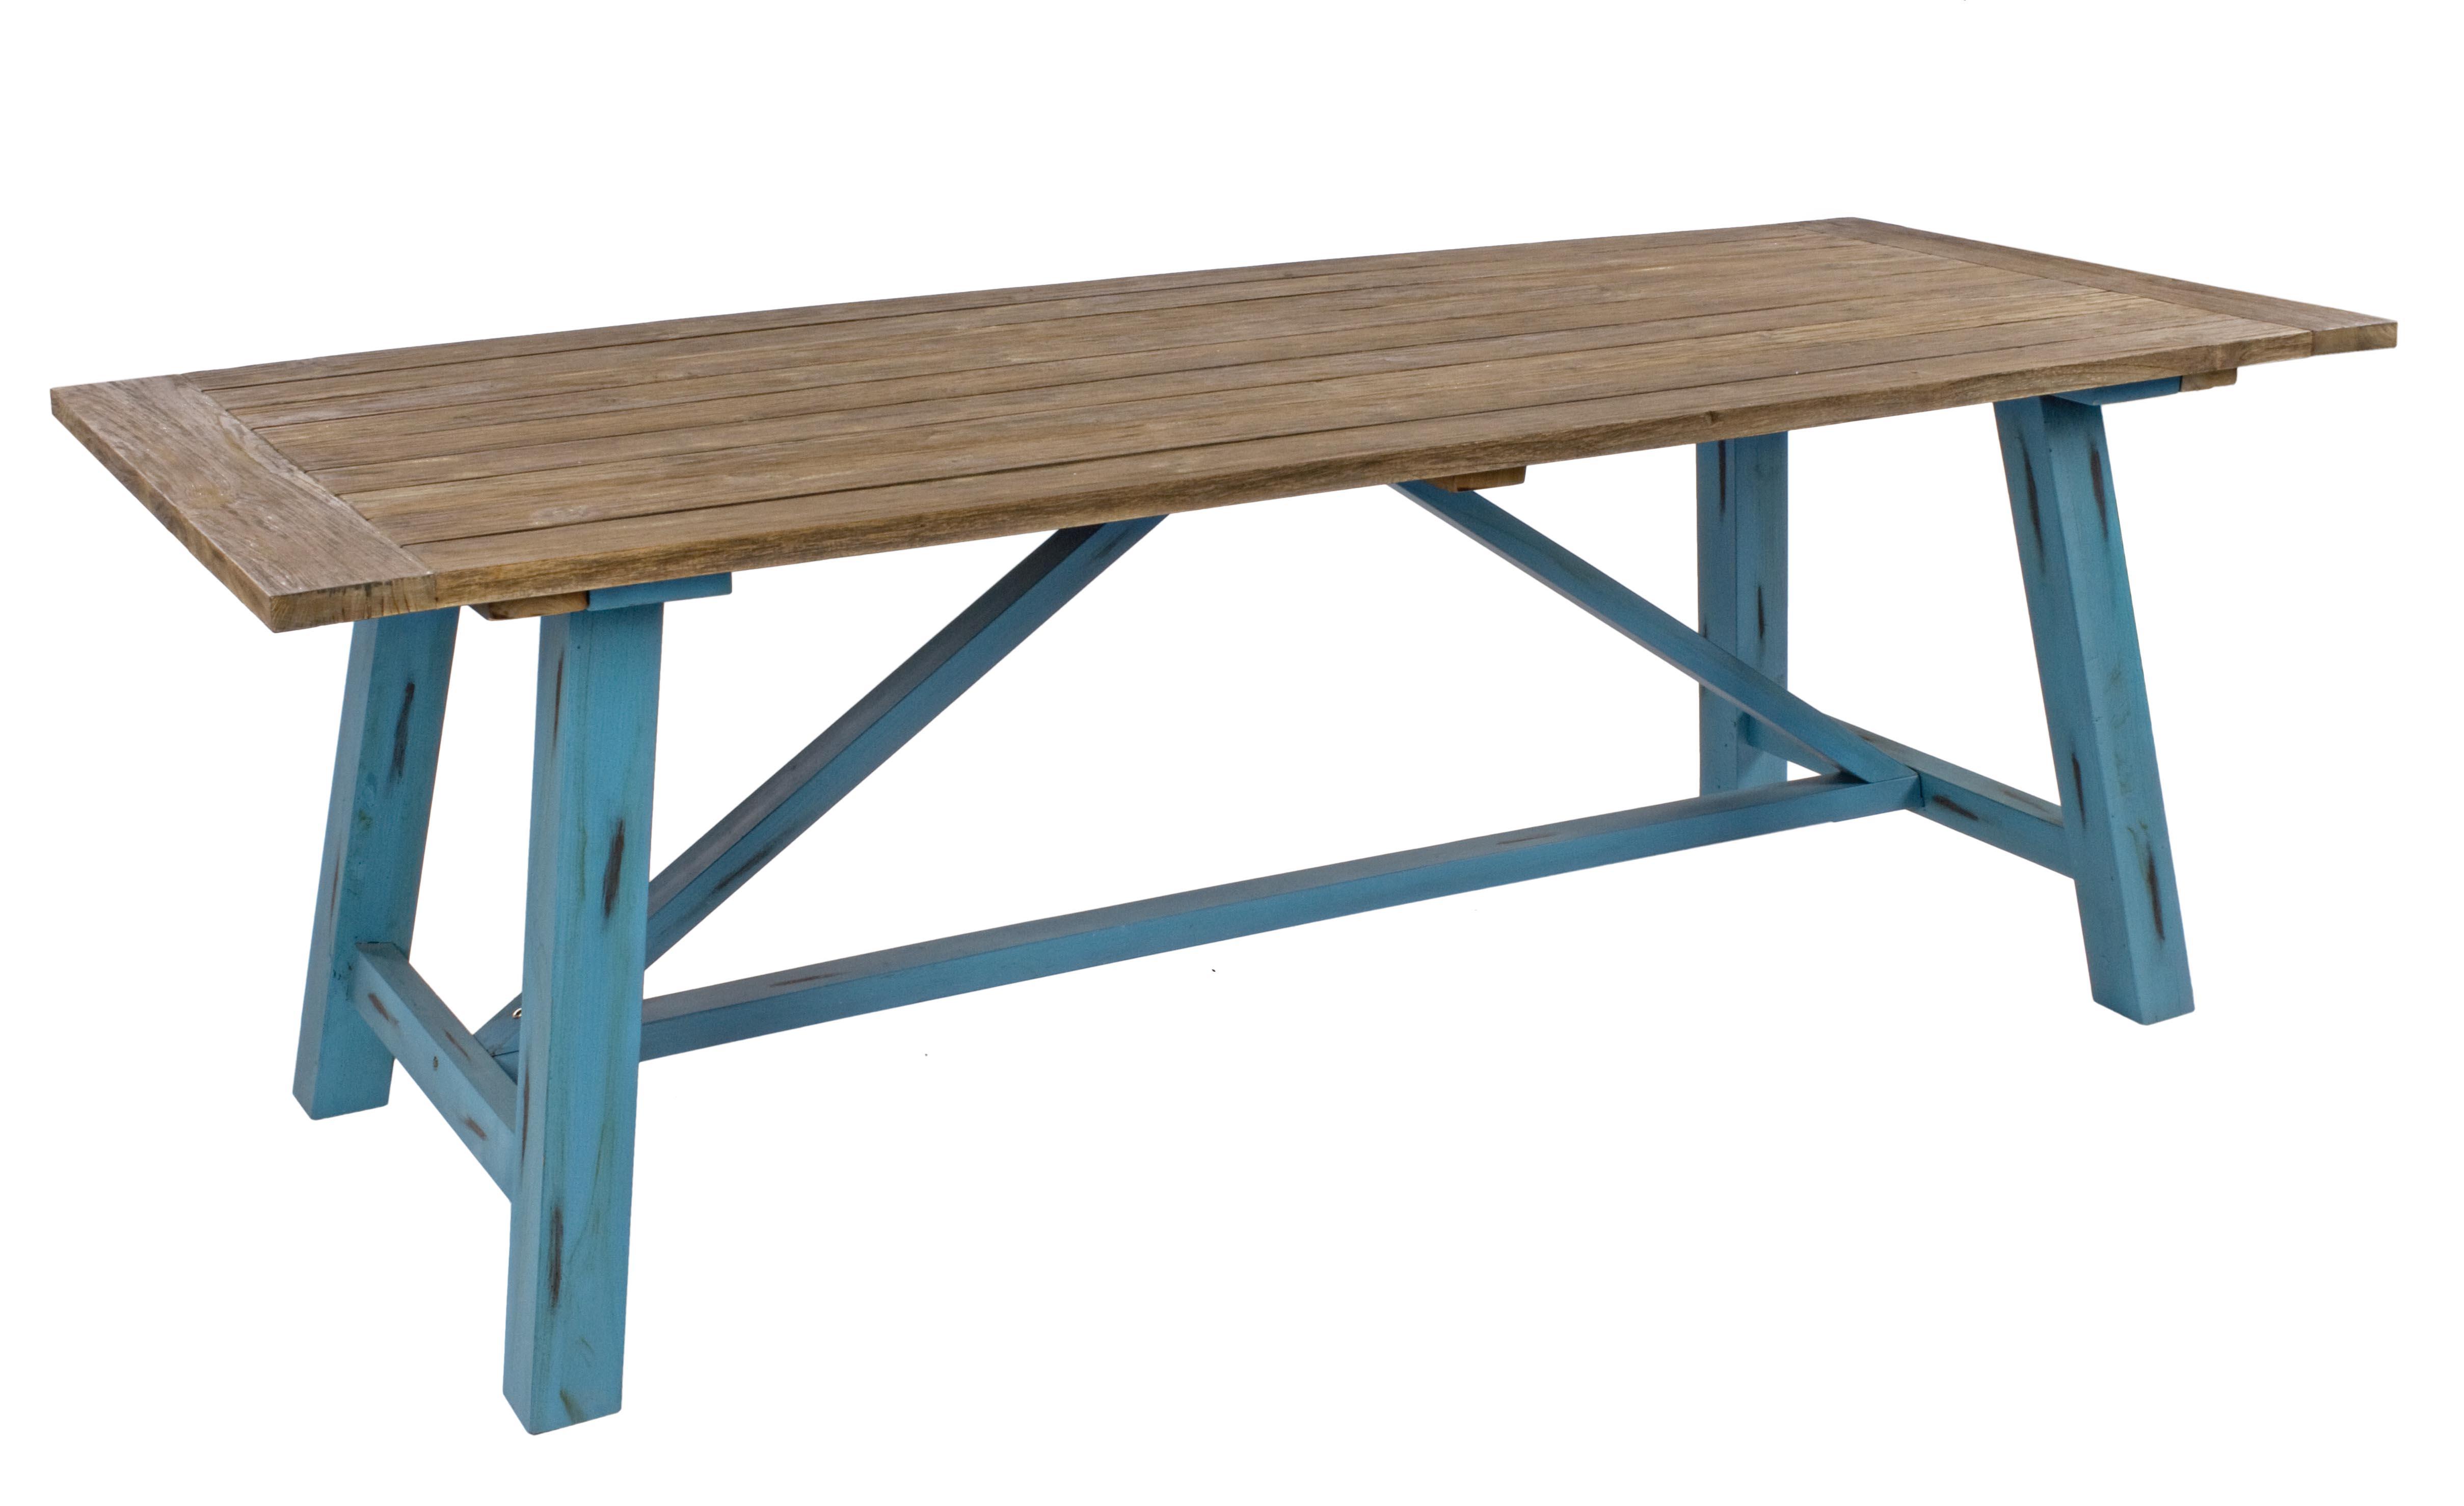 Juego comedor madera r stico pintura efecto envejecido for Mesas de comedor rusticas modernas